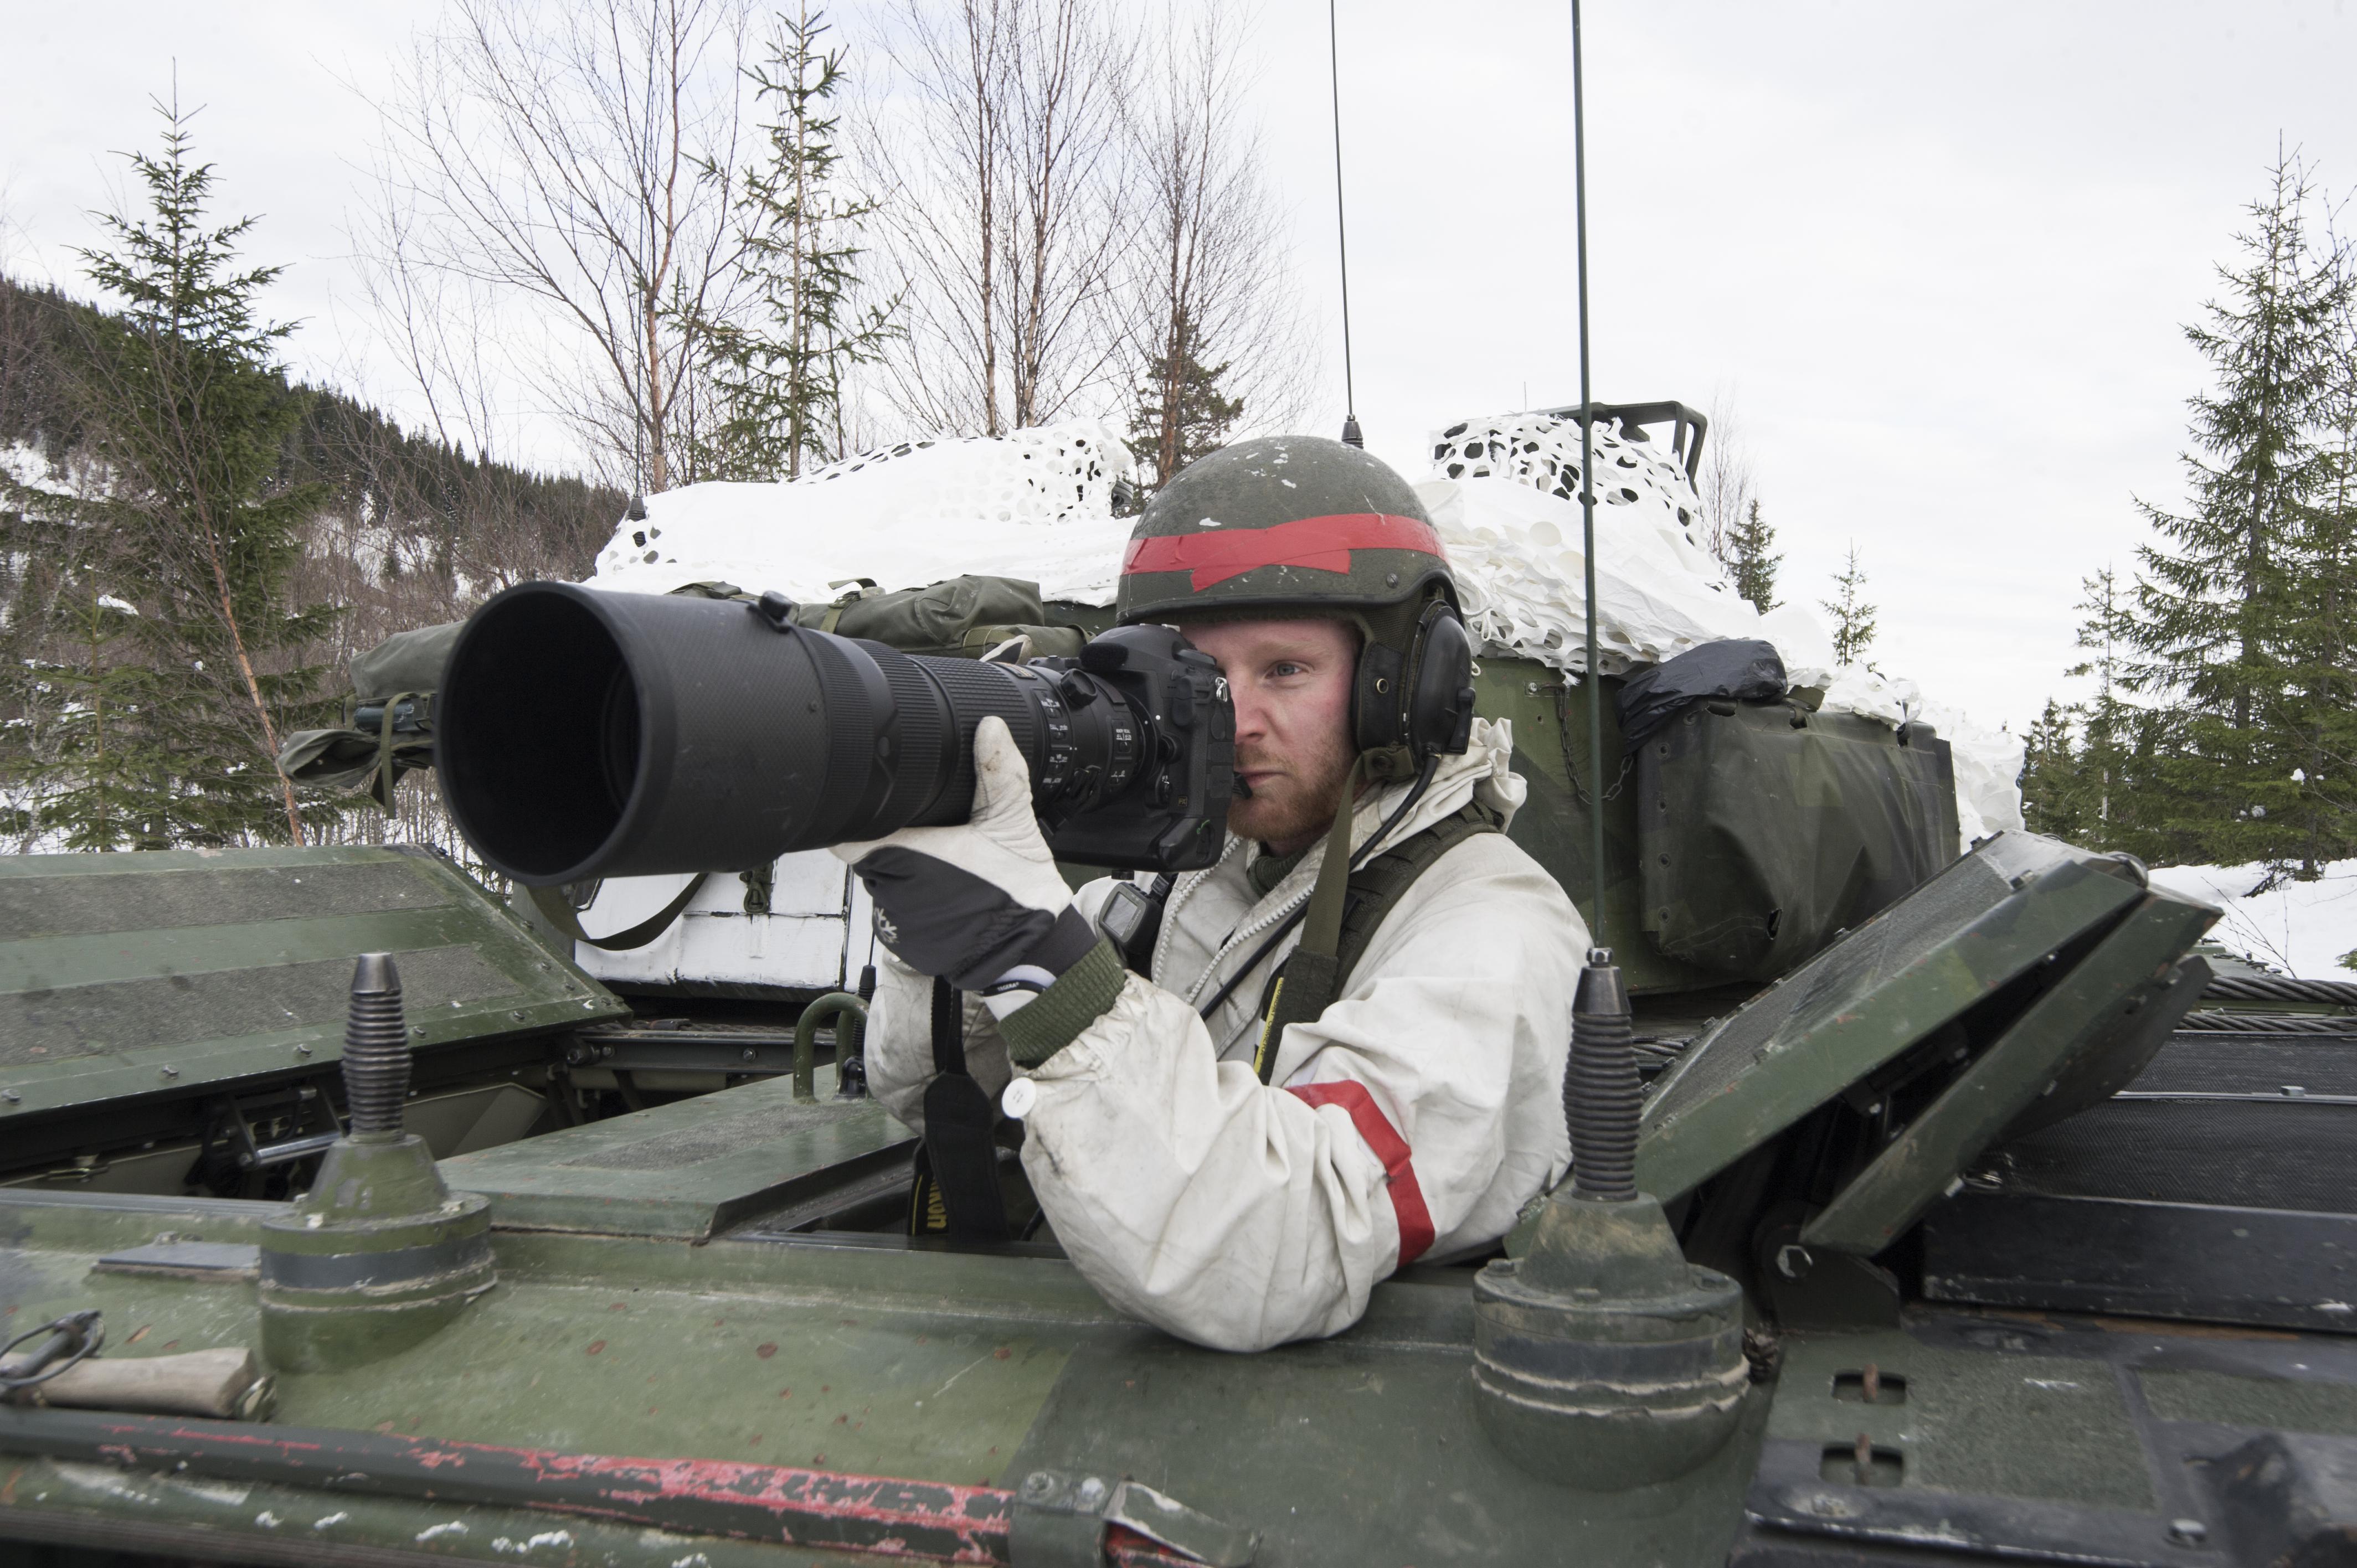 En Combat Camera-specialist dokumenterar pansarbataljonens verksamhet. I övningens startskede har 191.pansarbataljonen från I19 i BODEN fått uppgiften att försvara tagen terräng mot en mekaniserad fiende. Truppen har tagit stridsställning i både betäckt terräng och bebyggelse. Övning Cold Response omfattar cirka 15000 deltagare från 15 nationer varav ca 2000 man är svenskar. Övningen har ett fiktivt scenario baserat på en internationell krissituation och genomförs som en tillämpad dubbelsidig övning.